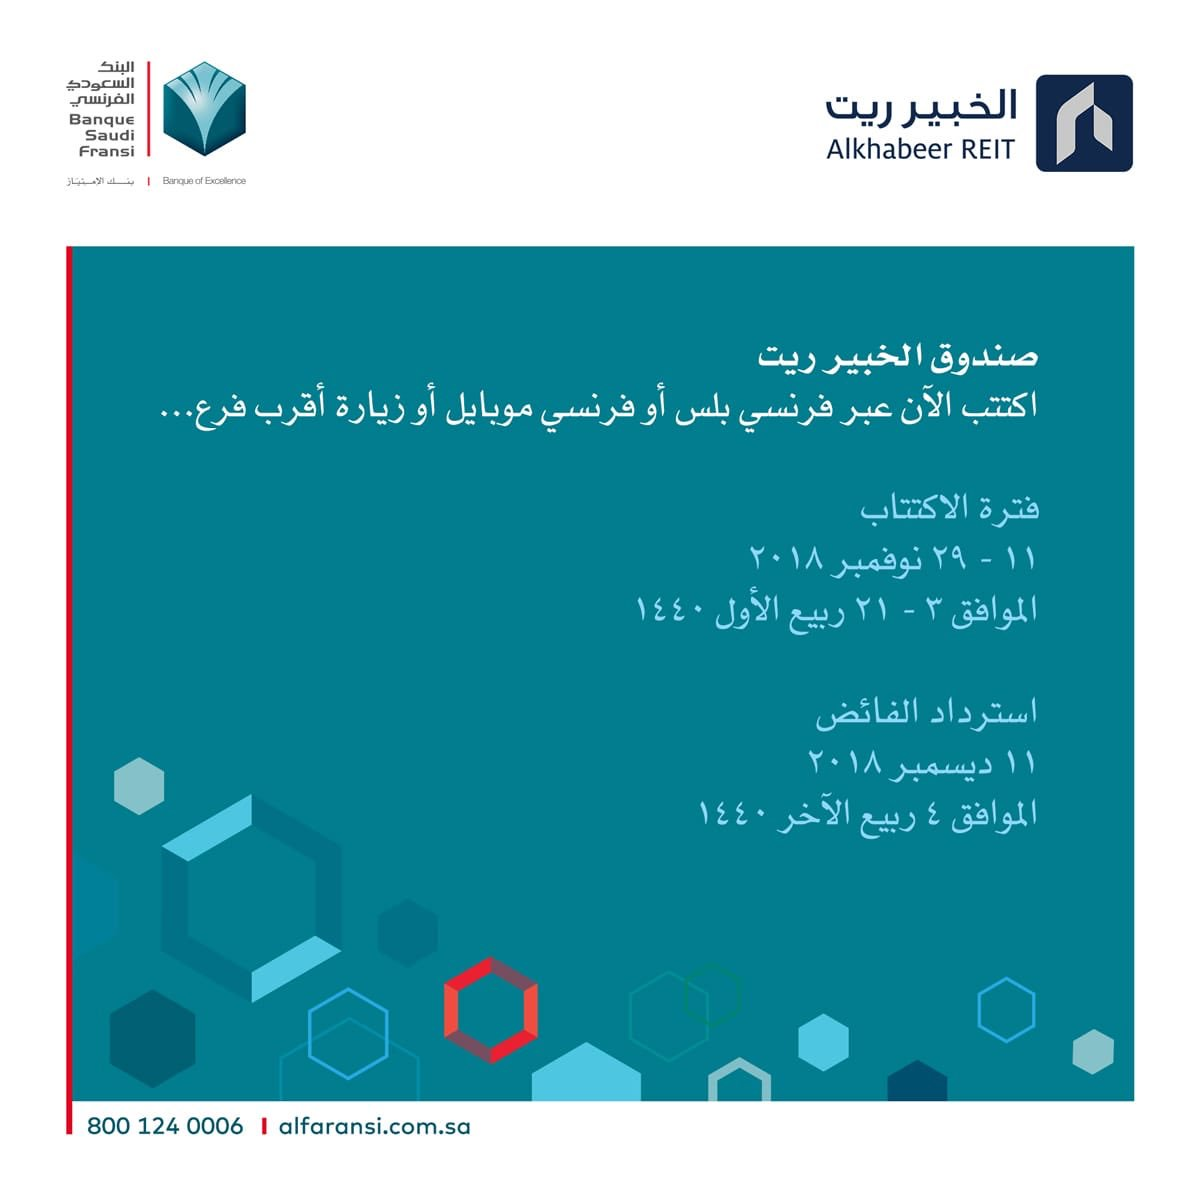 البنك السعودي الفرنسي Twitter પર اكتتب الآن في صندوق الخبير ريت المتوافق مع ضوابط الهيئة الشرعية عن طريق فرنسي بلس فرنسي موبايل أو بزيارة أقرب فرع